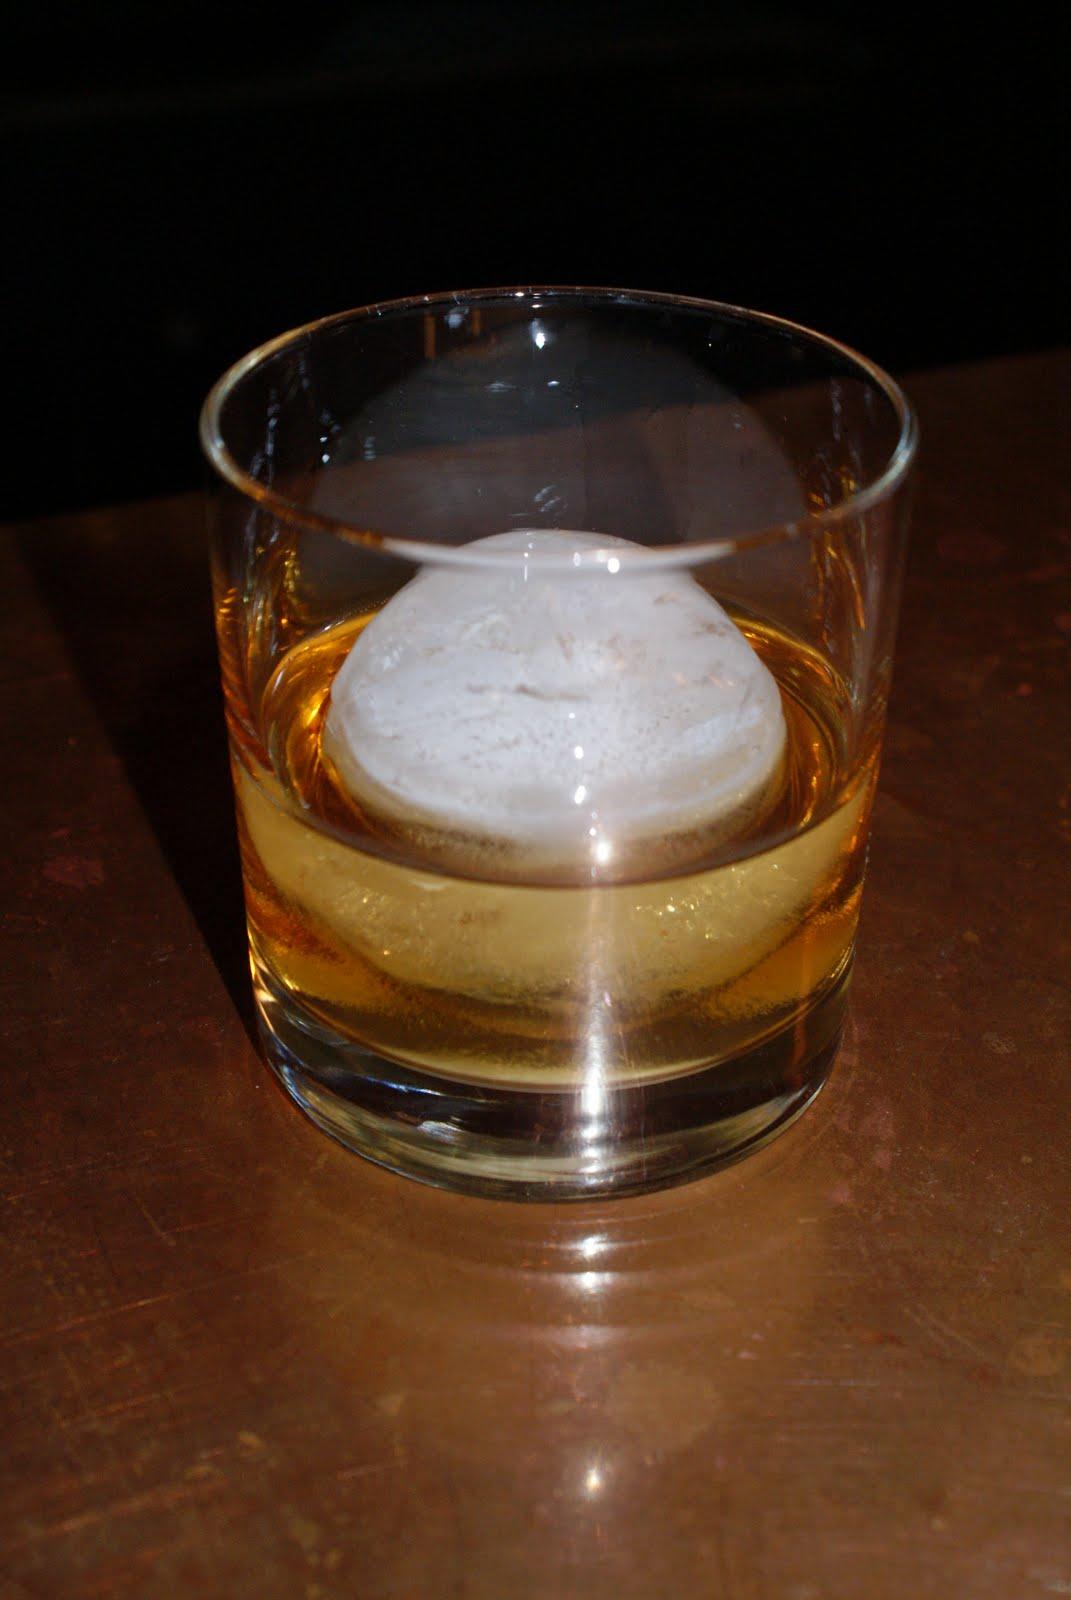 http://4.bp.blogspot.com/_sqa0SOIK6DY/TTtv9ph8ZRI/AAAAAAAAAxQ/MfeDJAHMukU/s1600/whiskey%252Brock.JPG